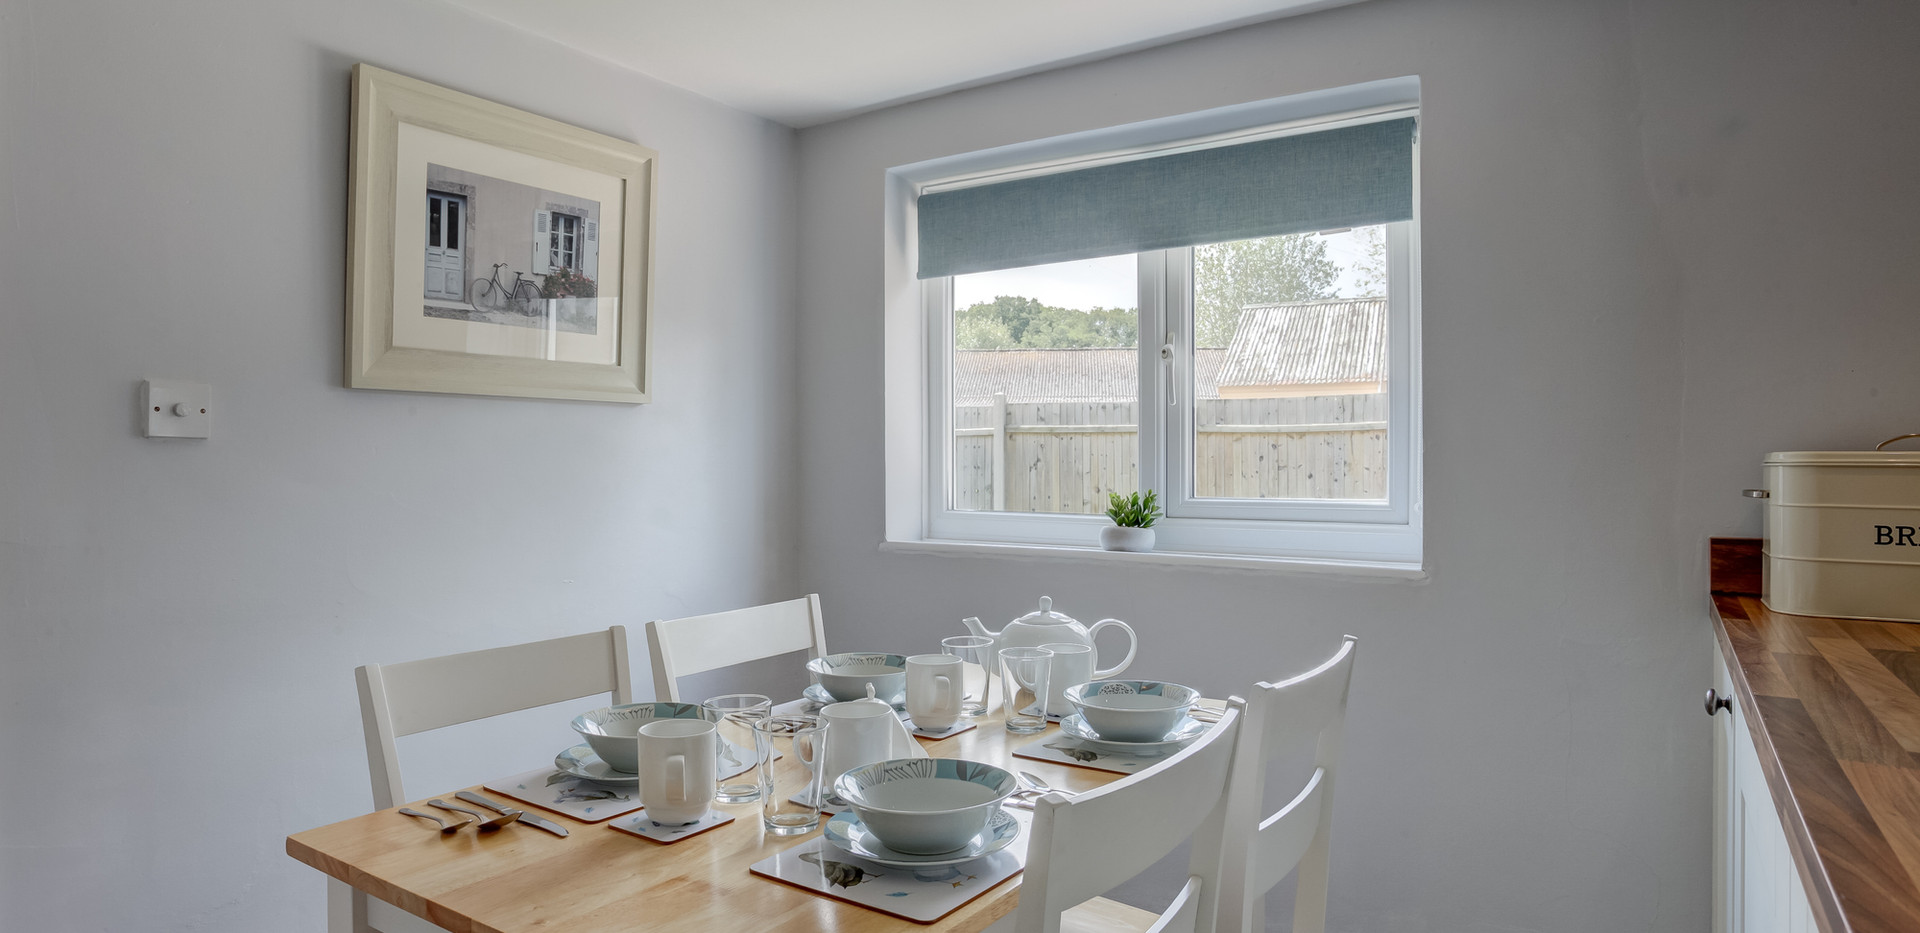 riverside-breakfast-table.jpg